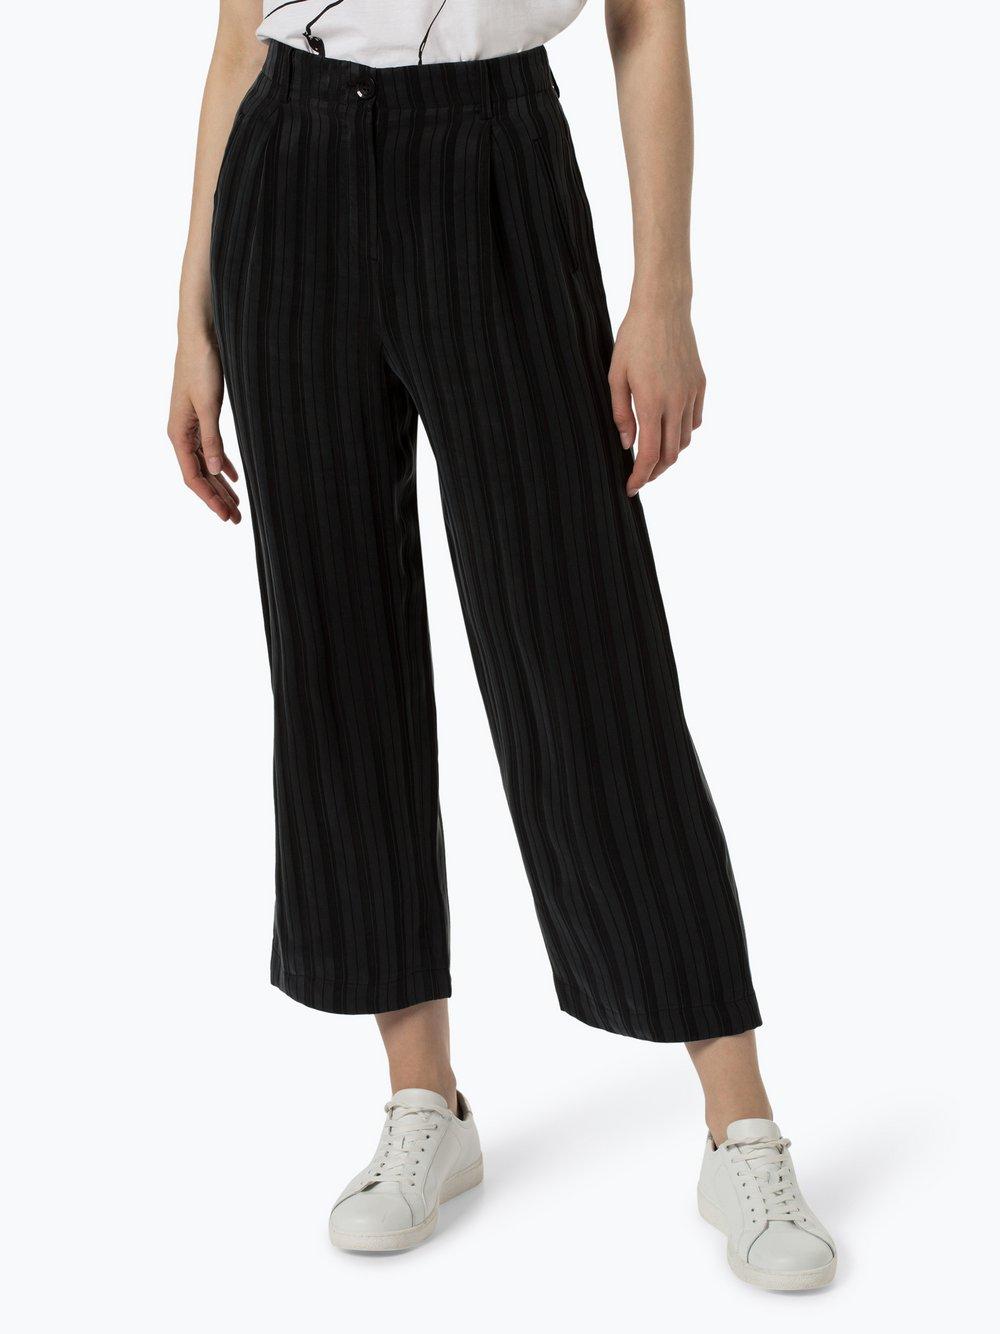 More & More - Spodnie damskie, czarny